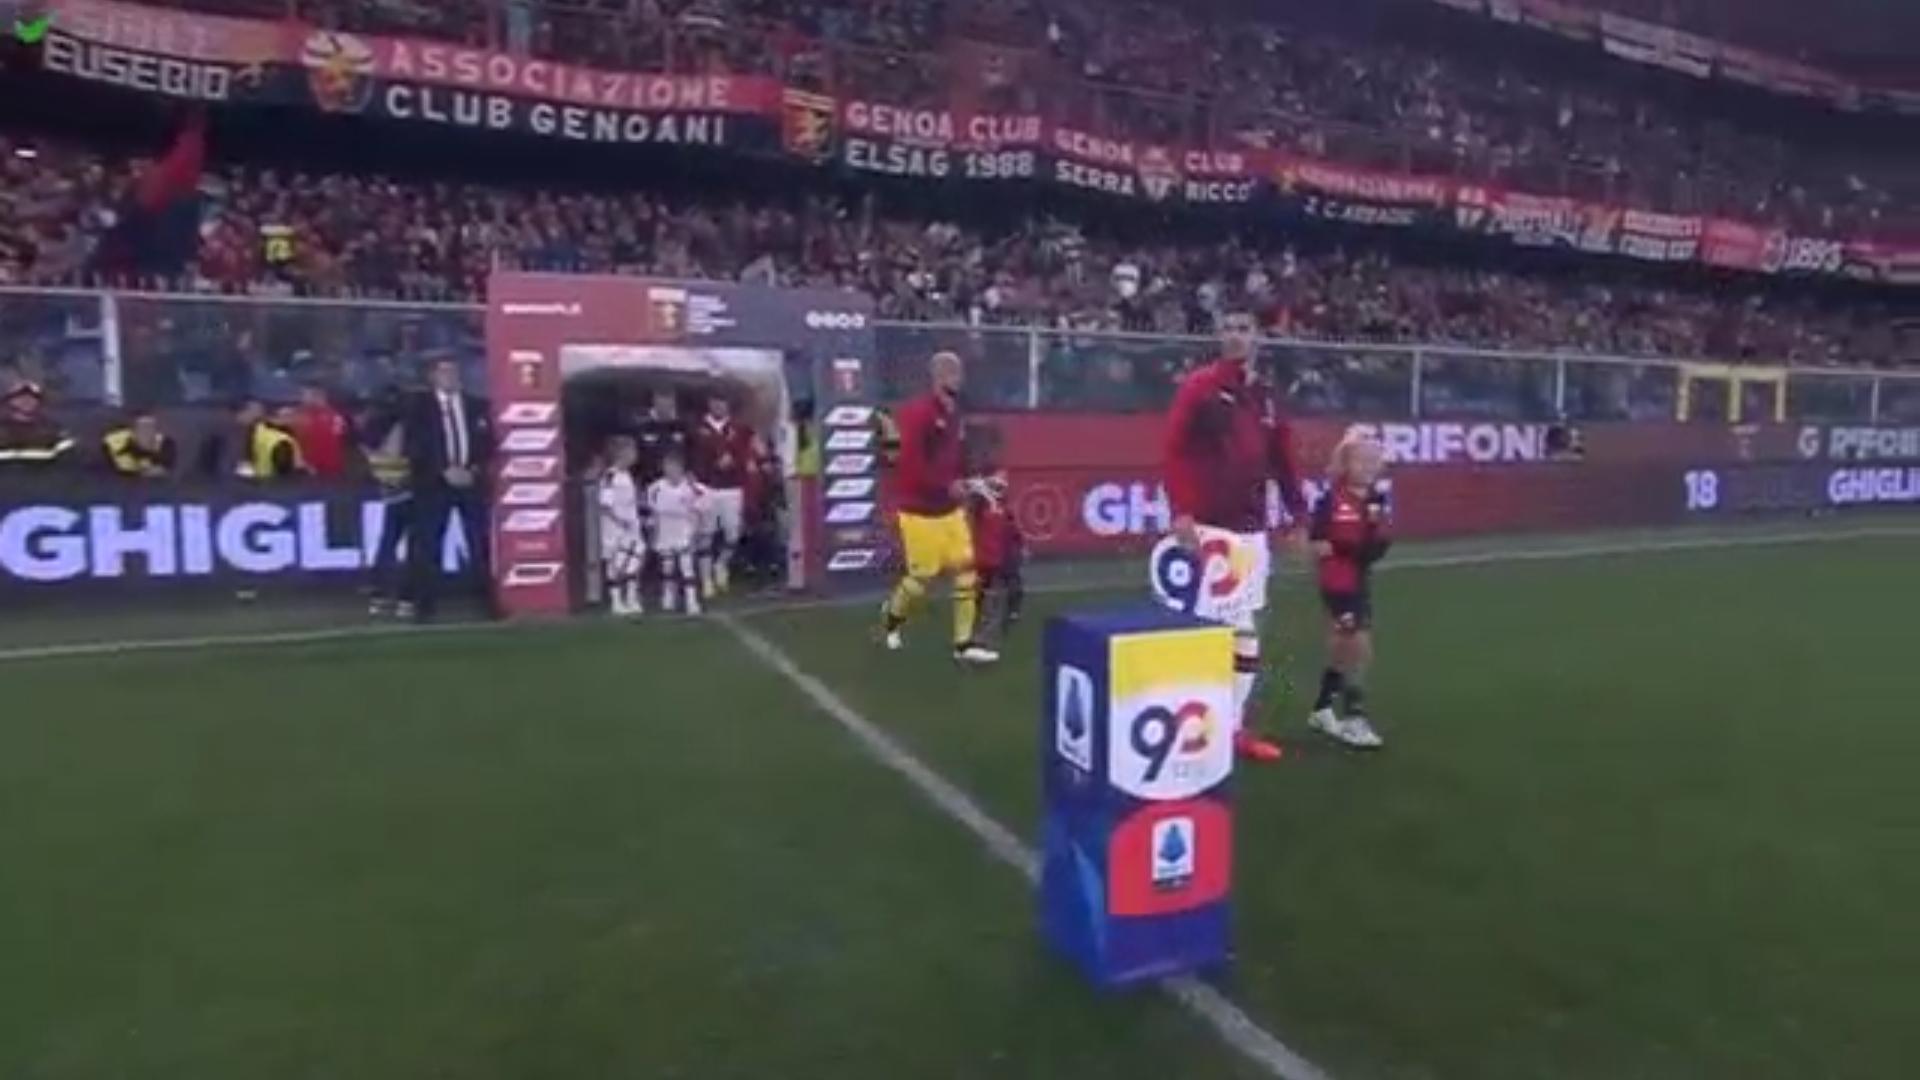 05-10-2019 - Genoa 1-2 Milan